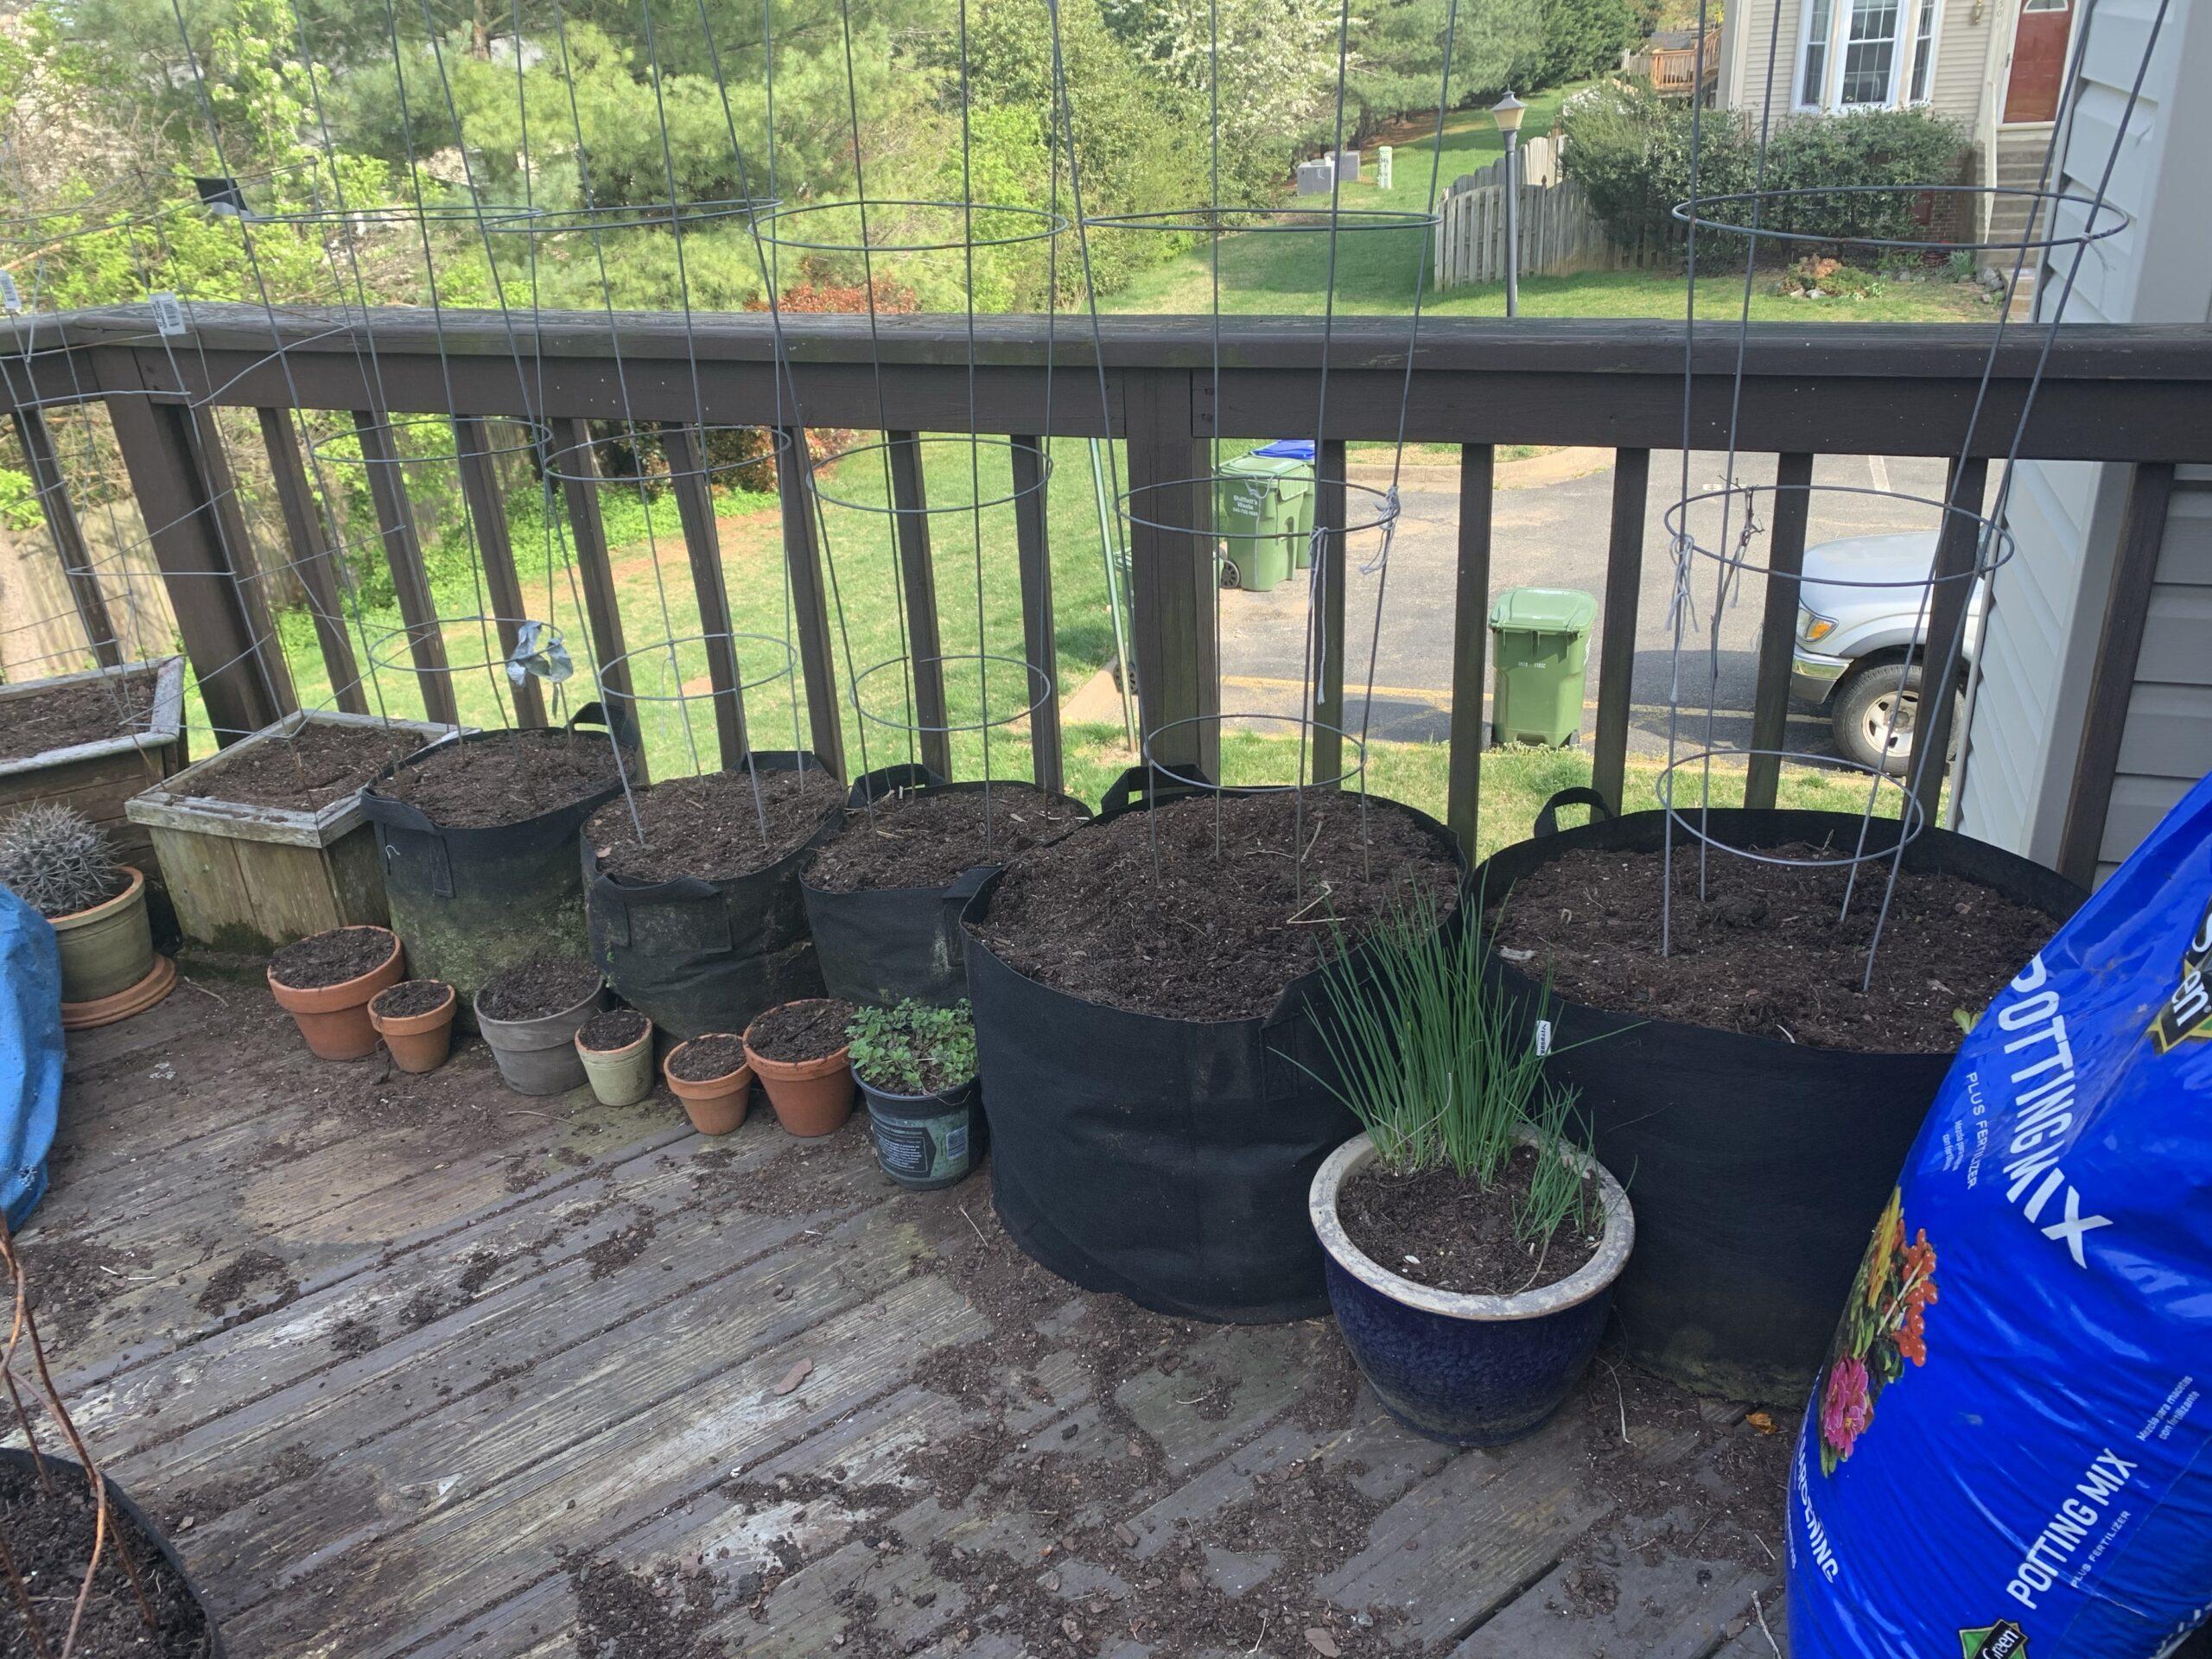 img 5277 scaled Deck Garden Refresh